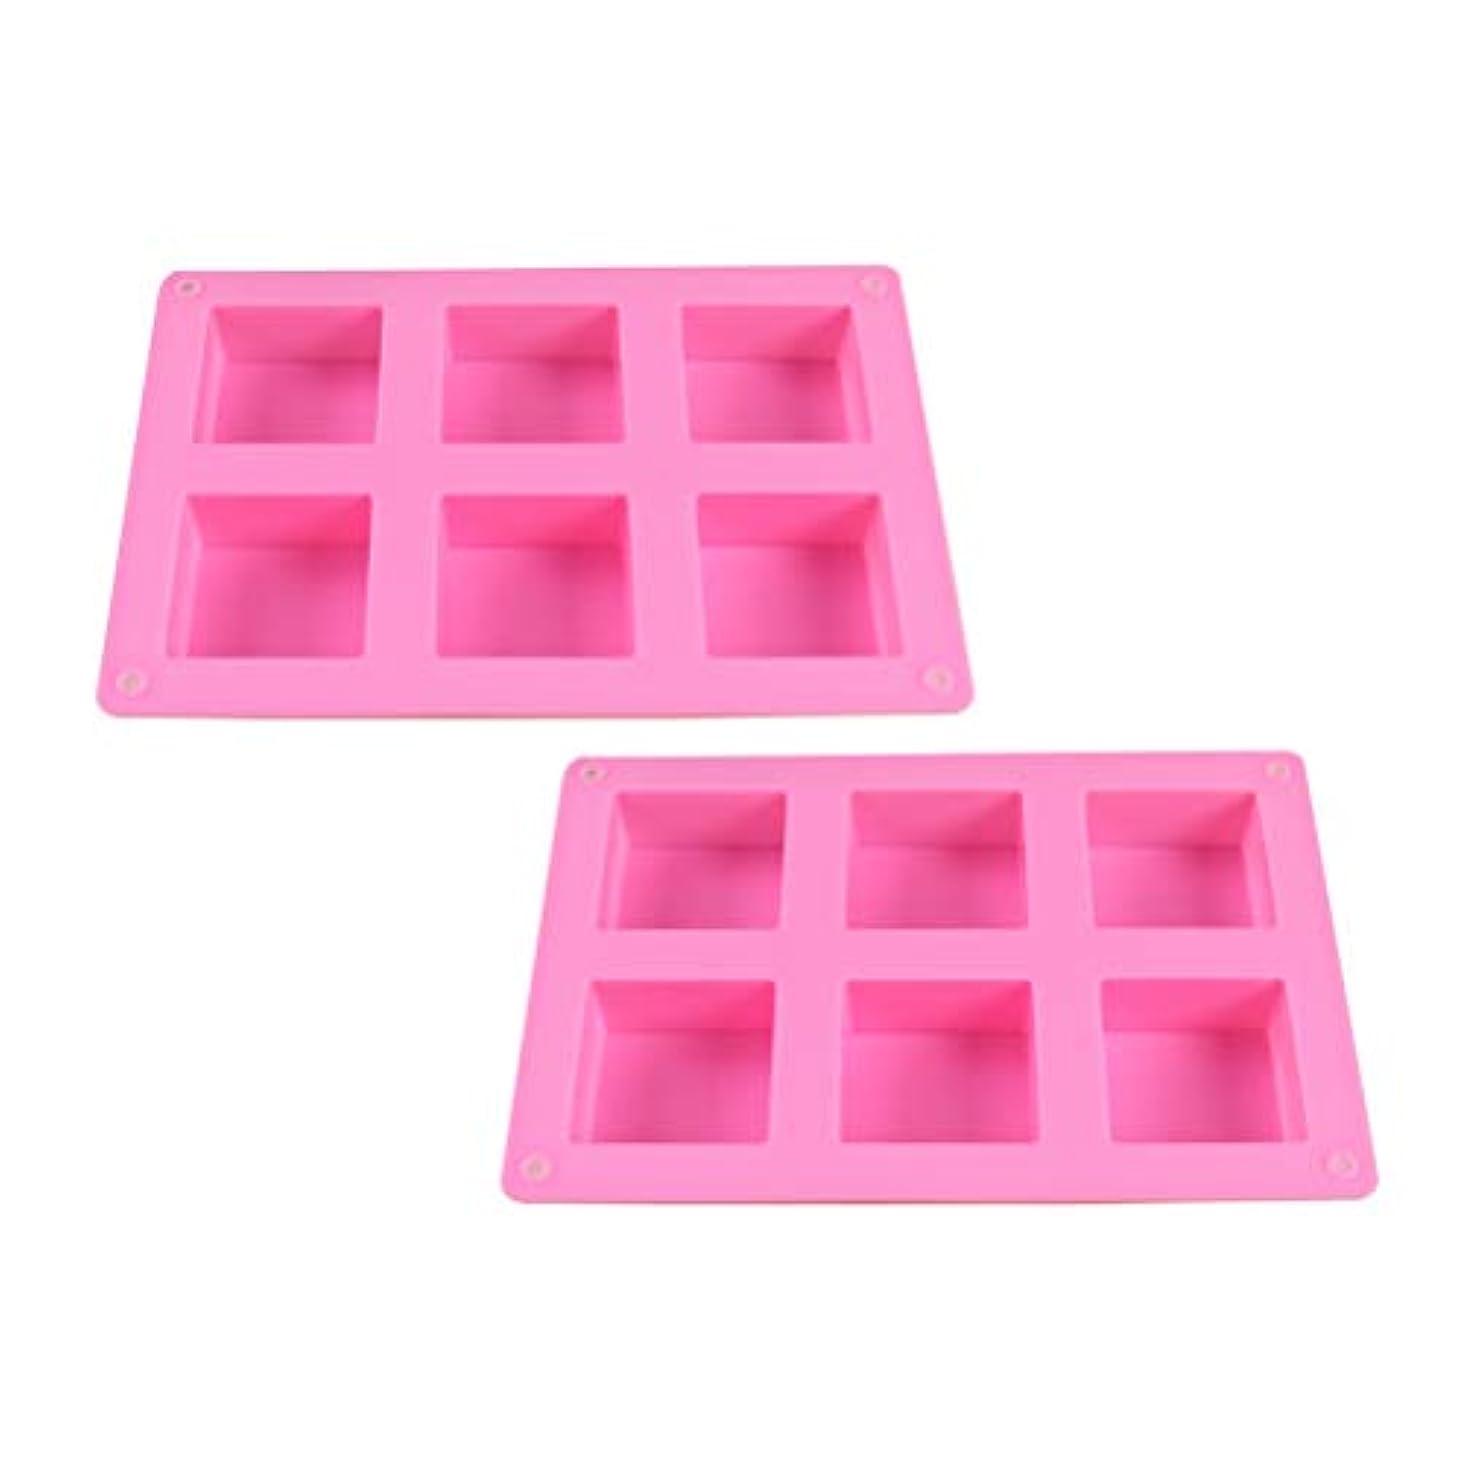 関与する持参含意HEALIFTY DIYのケーキのベーキング型のための6つのキャビティシリコーンの石鹸型との石鹸作りのための2PCS石鹸型